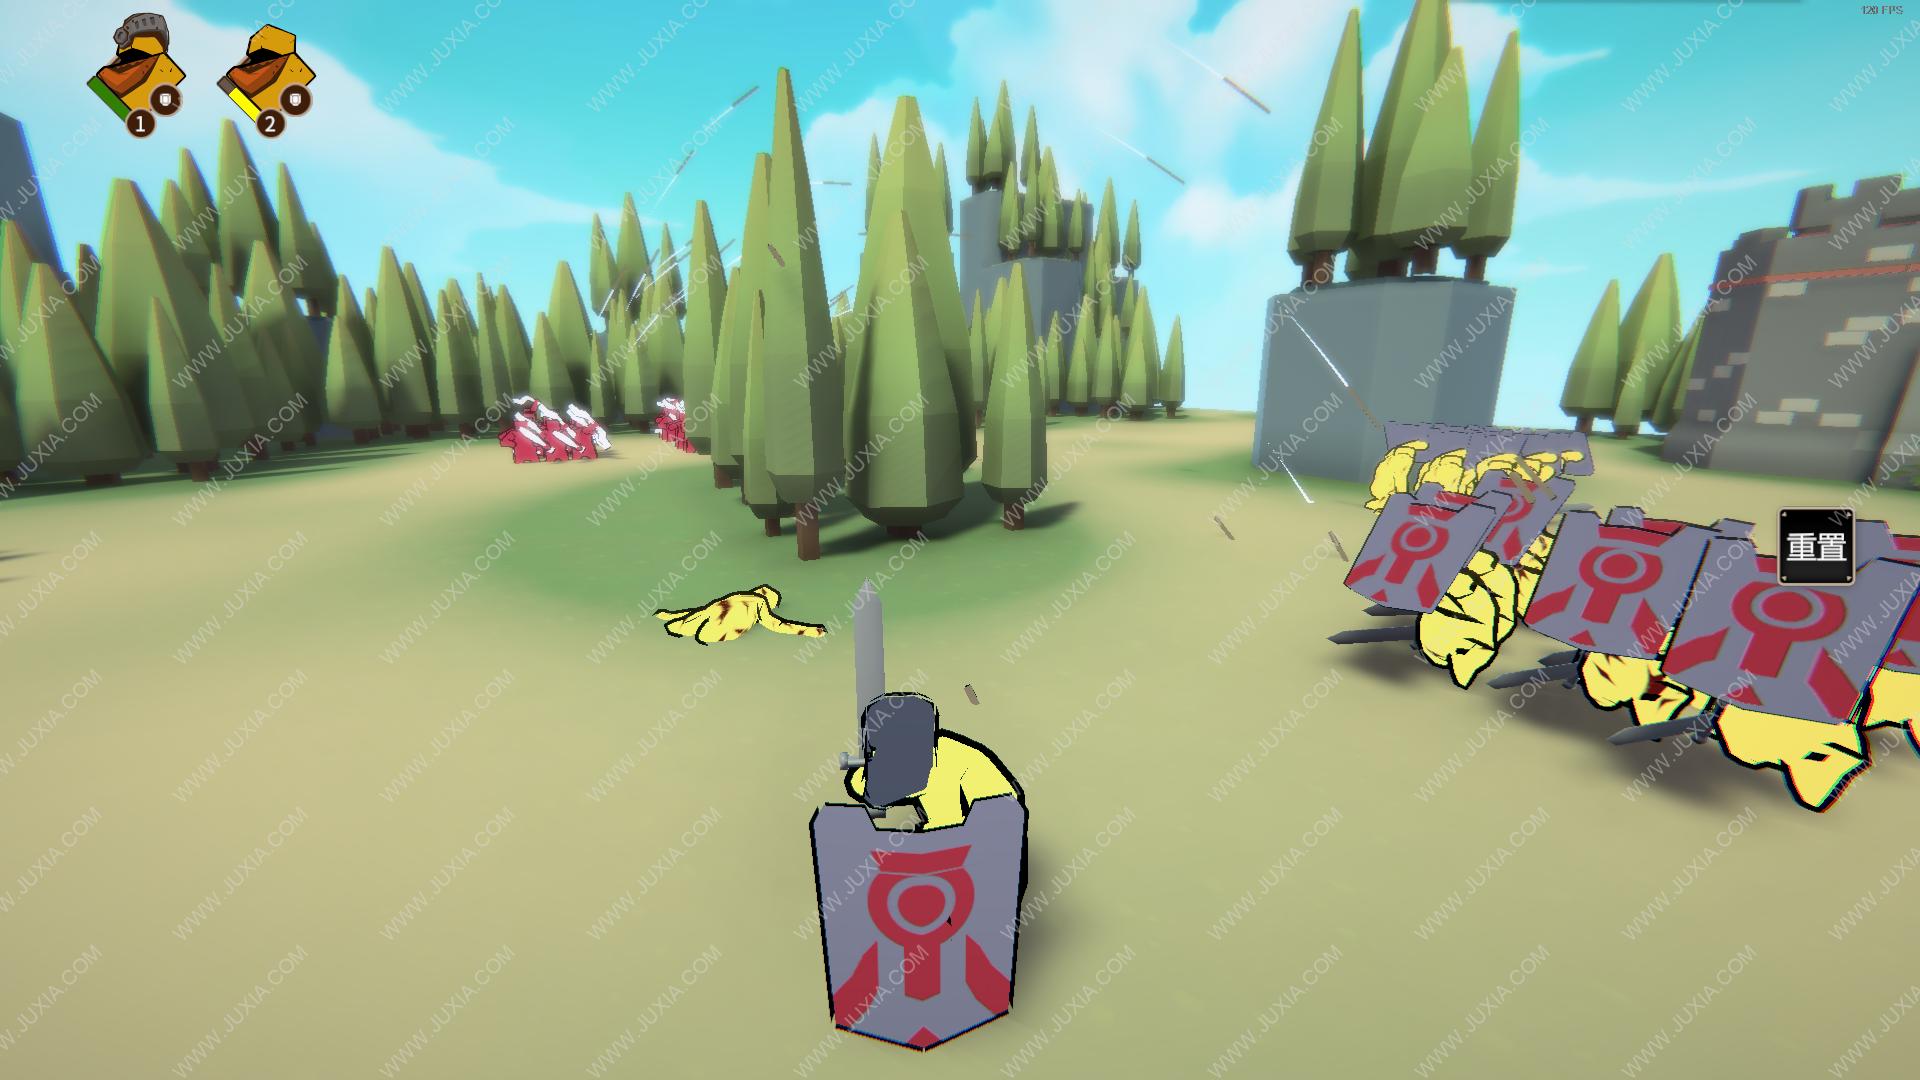 超逼真的攻城模拟器游戏第一部分攻略 第五关攻略详解